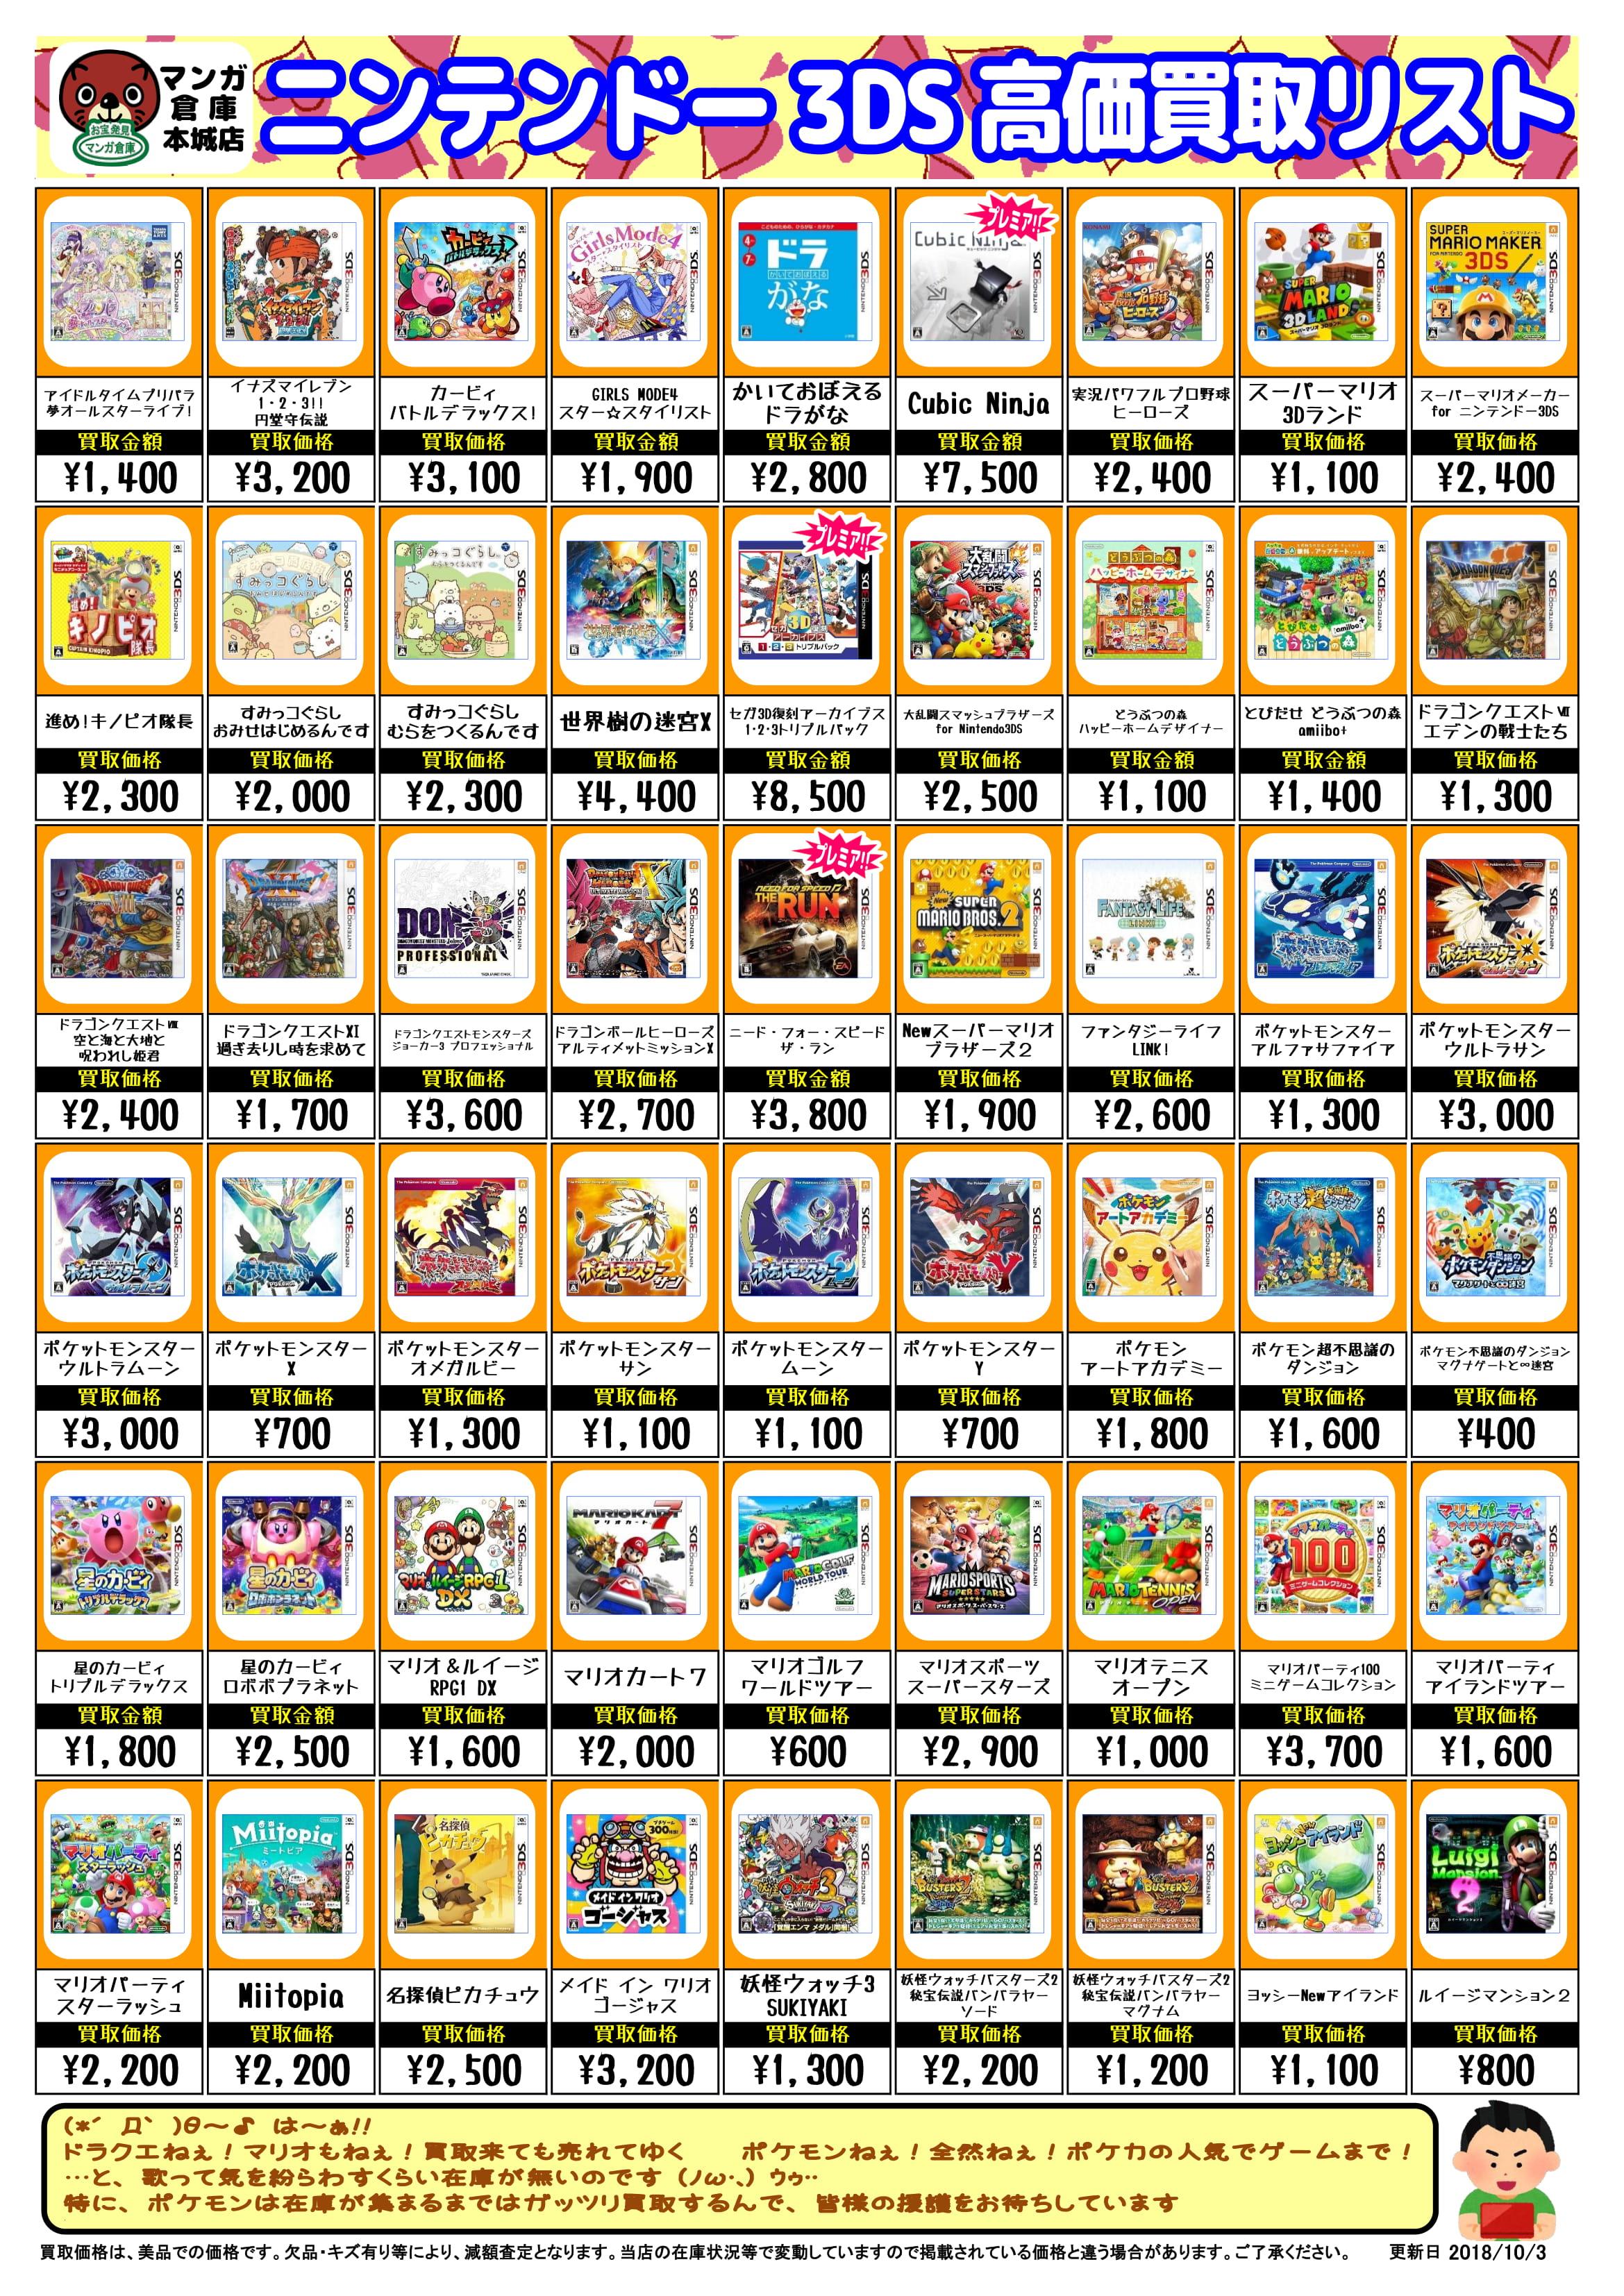 10/4 ☆ゲーム☆ゲームソフト買取ちらしを更新しました!((((oノ´3`)ノ